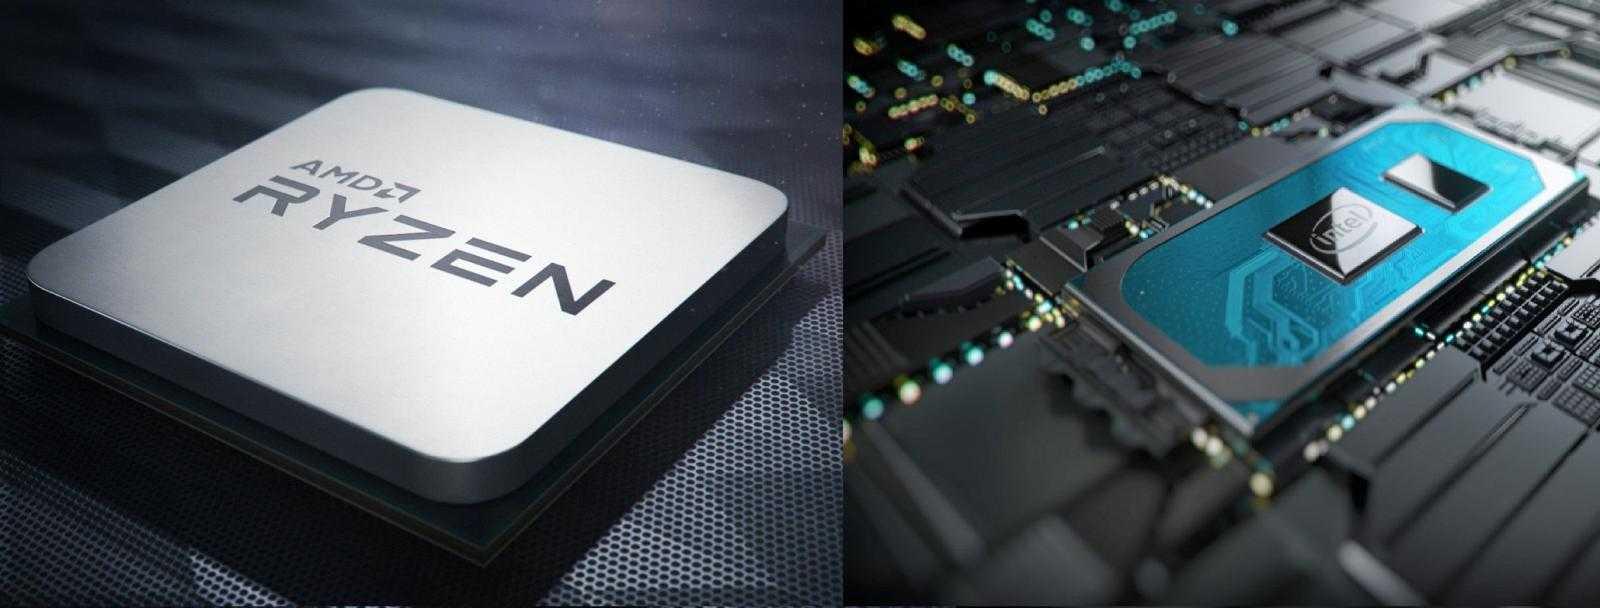 Лучшие процессоры amd ryzen в 2020 году